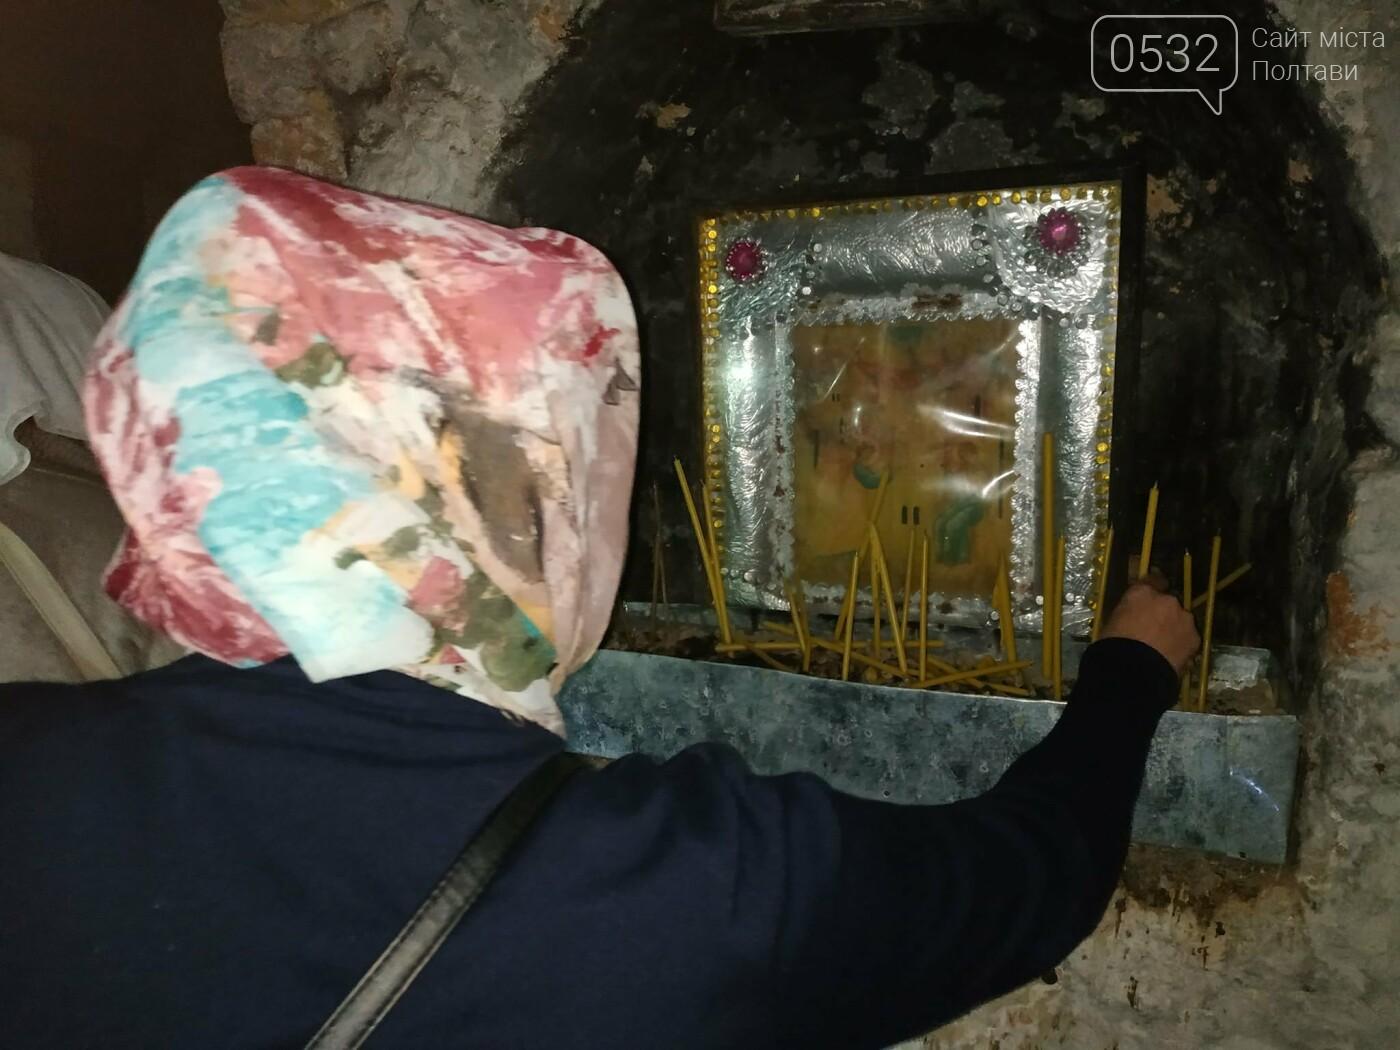 Подорож вихідного дня: вирушаємо до святинь на Сумщині, фото-23